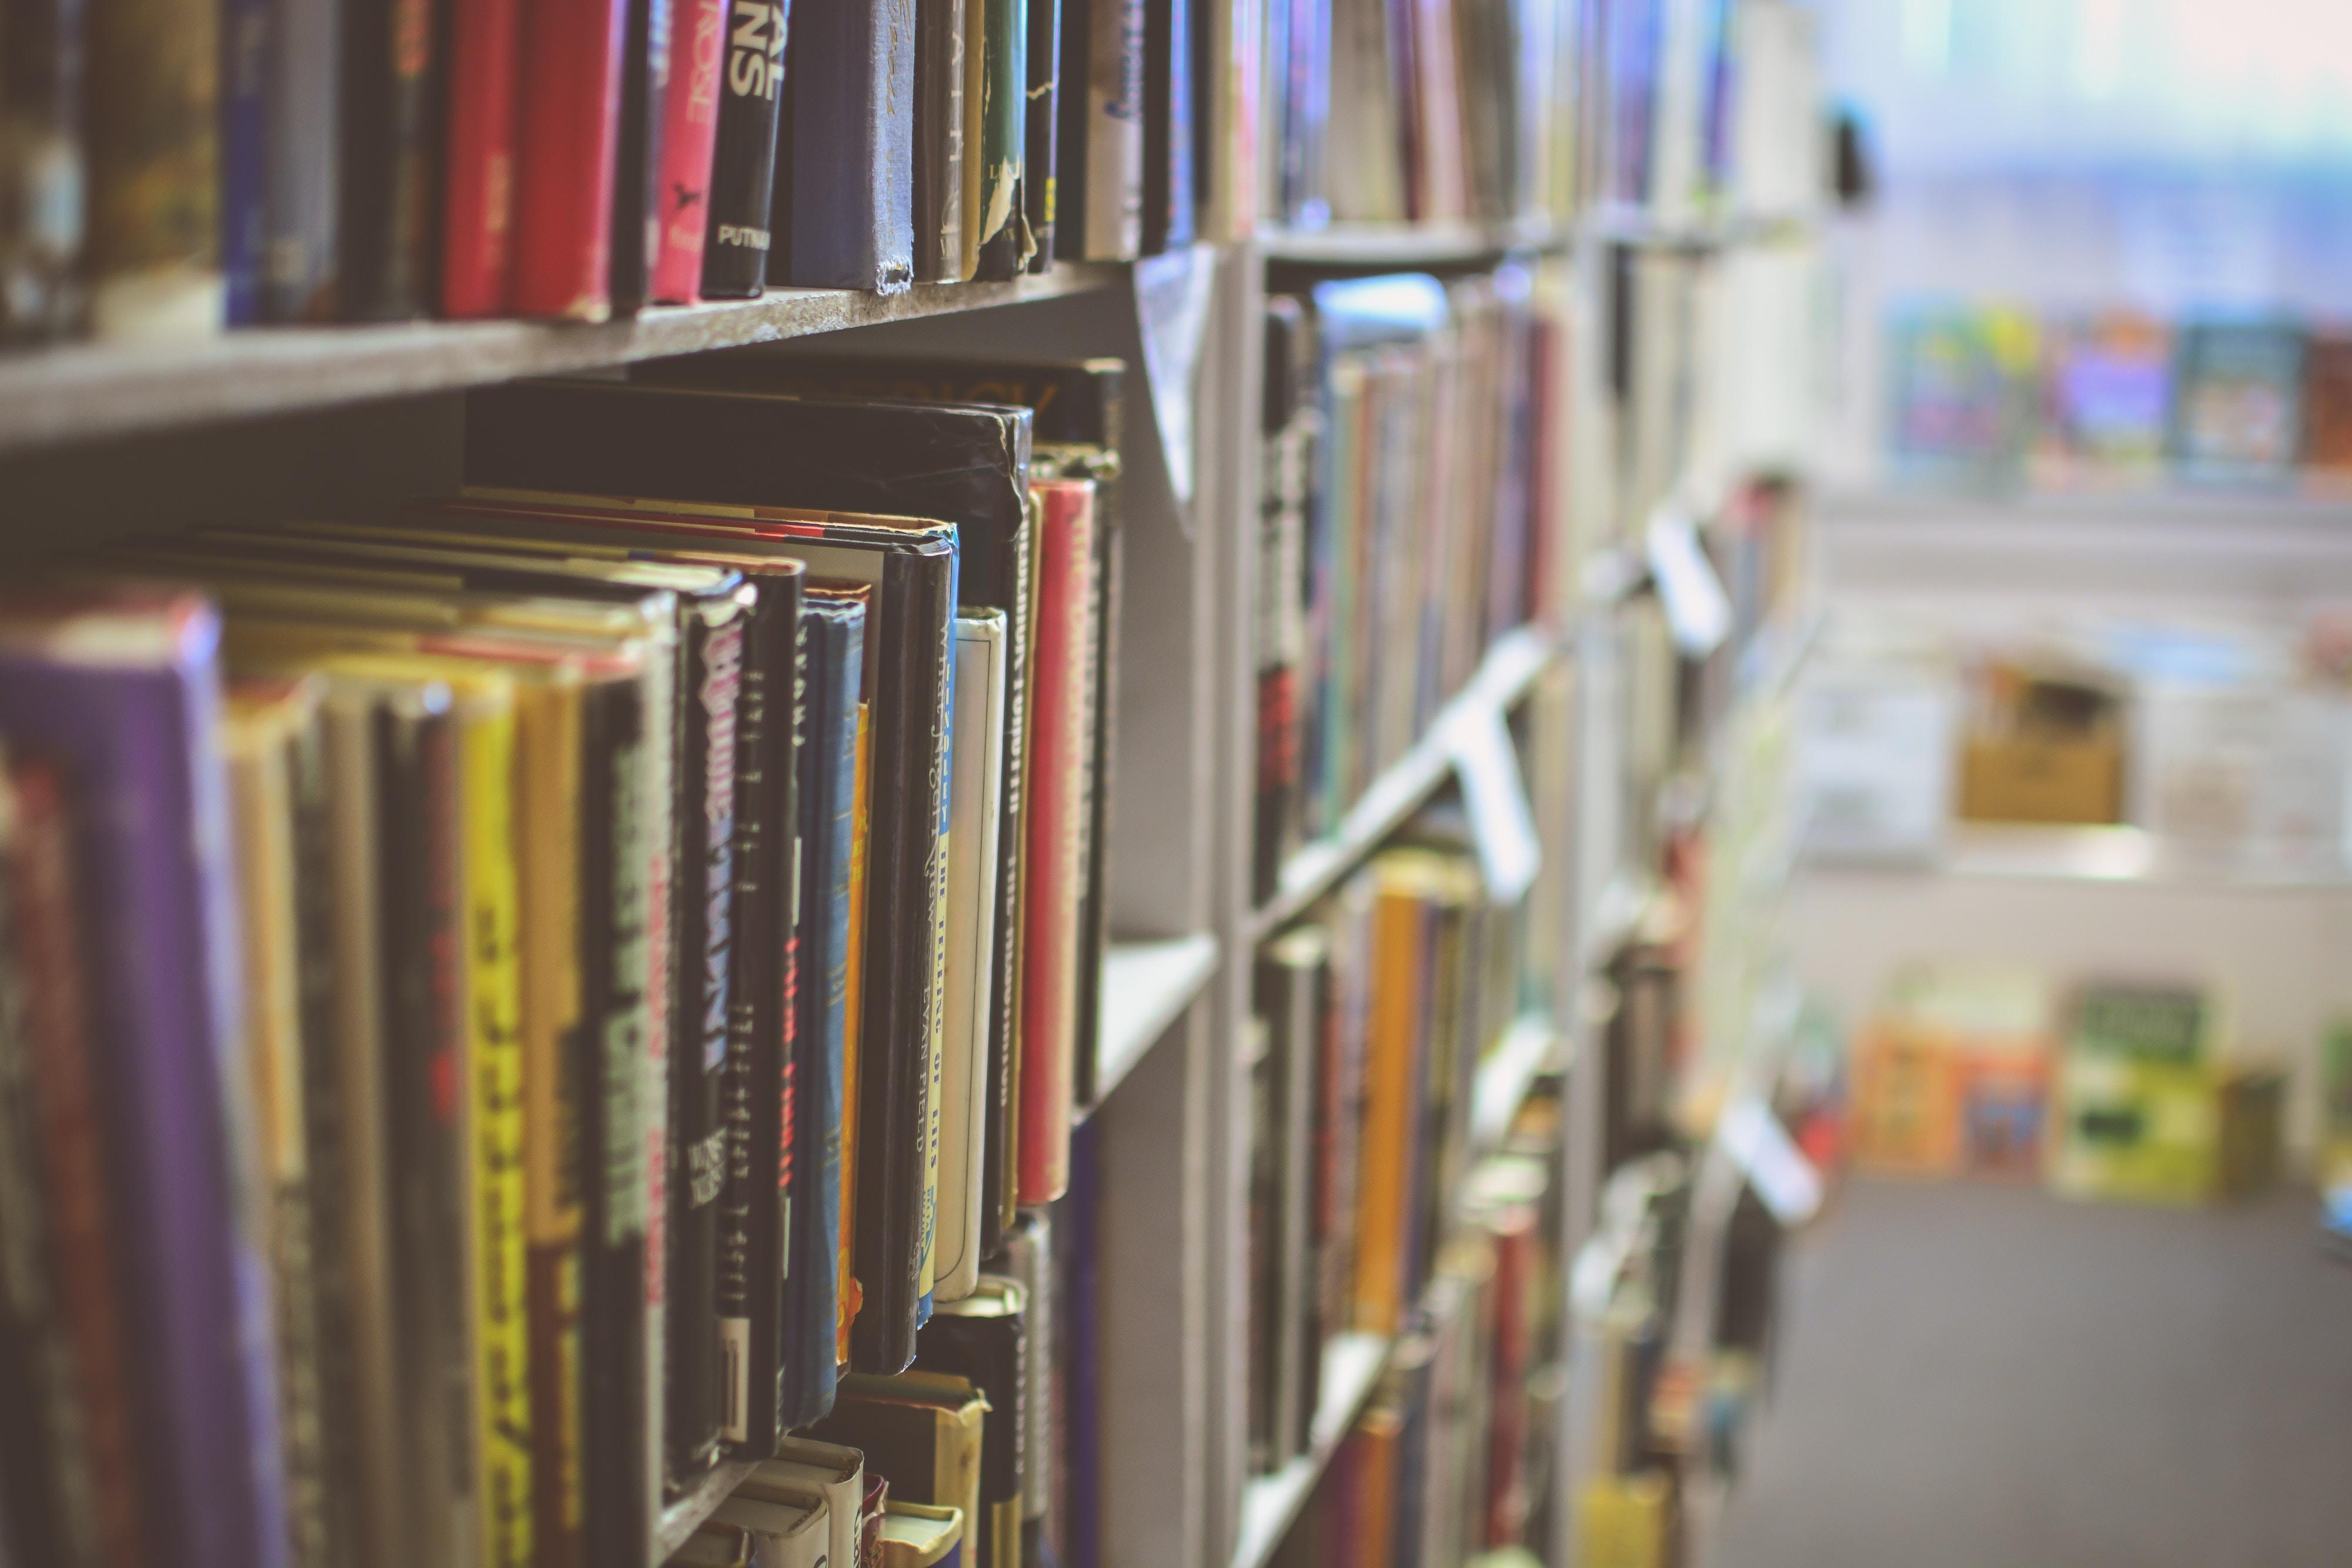 Image of a book shelf